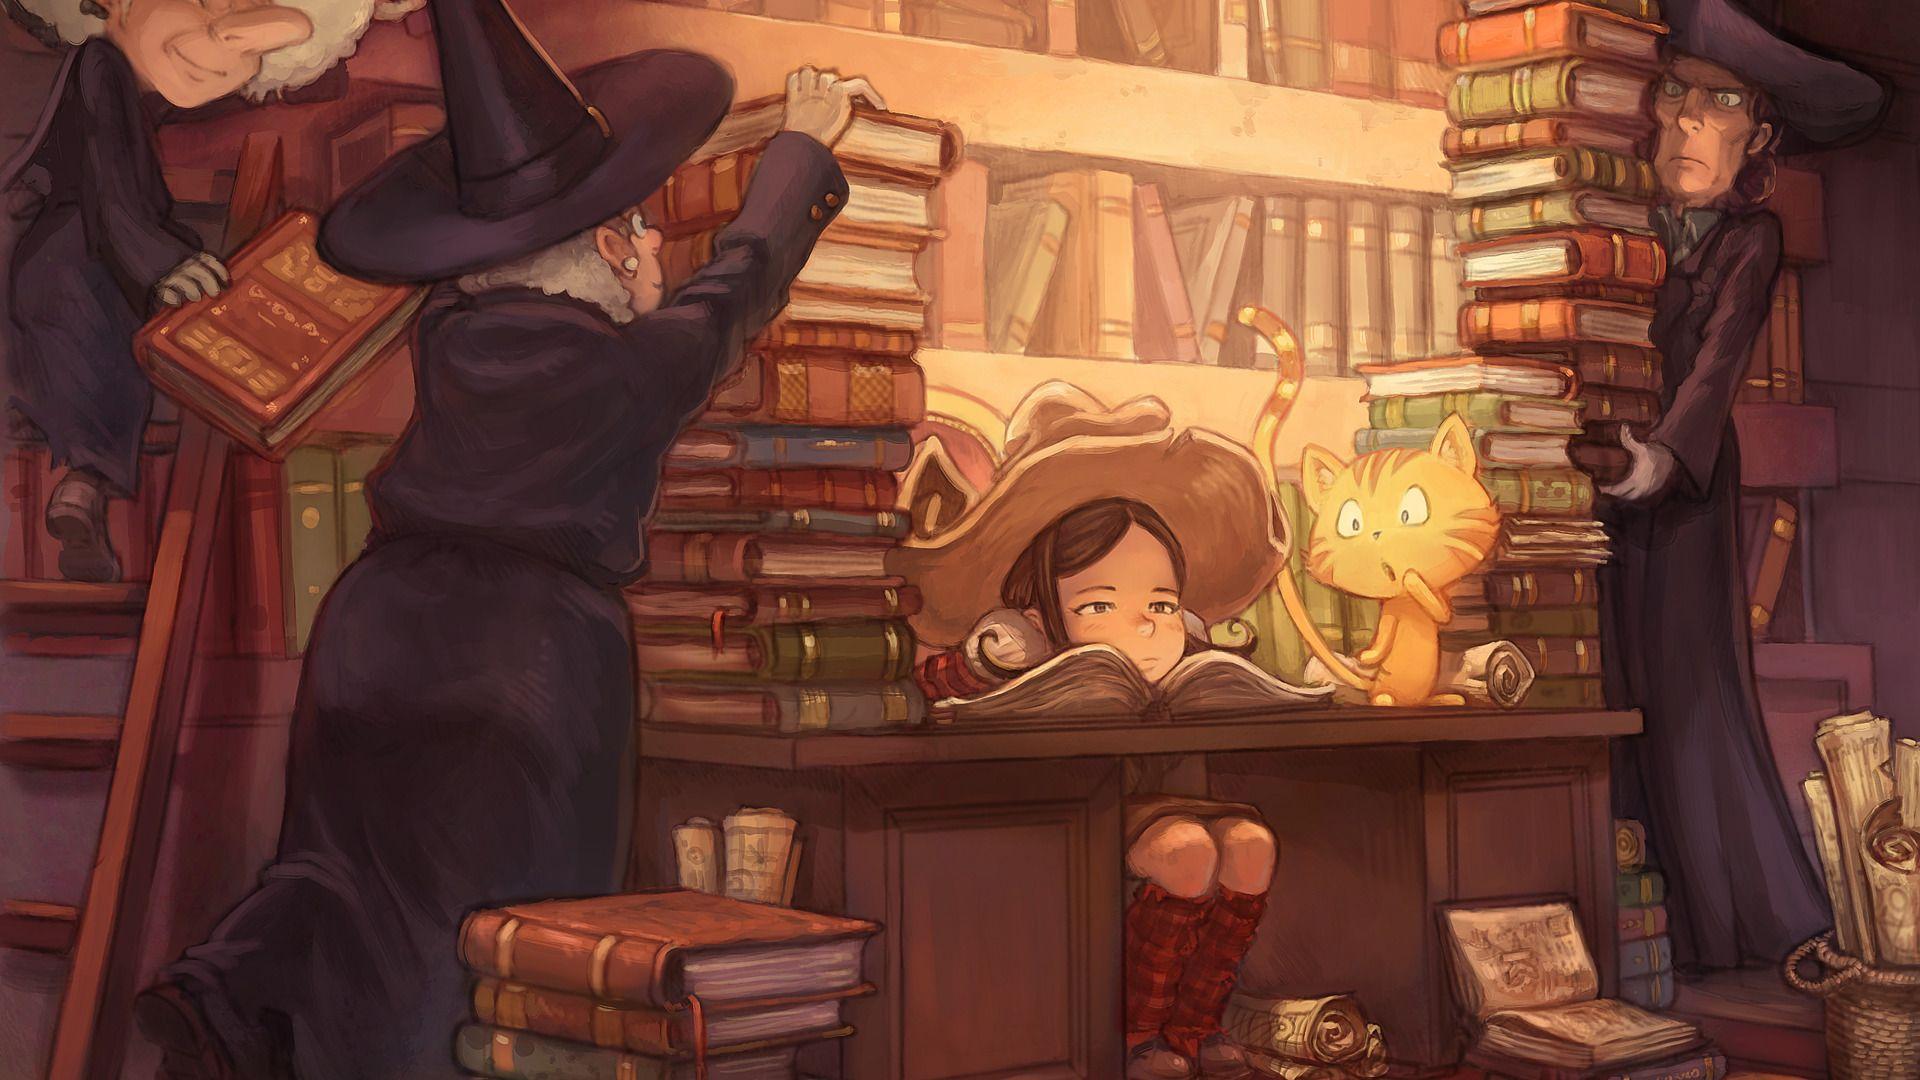 Pepper doit étudier beaucoup de livres de sorcellerie et Carrot le chat est surpris